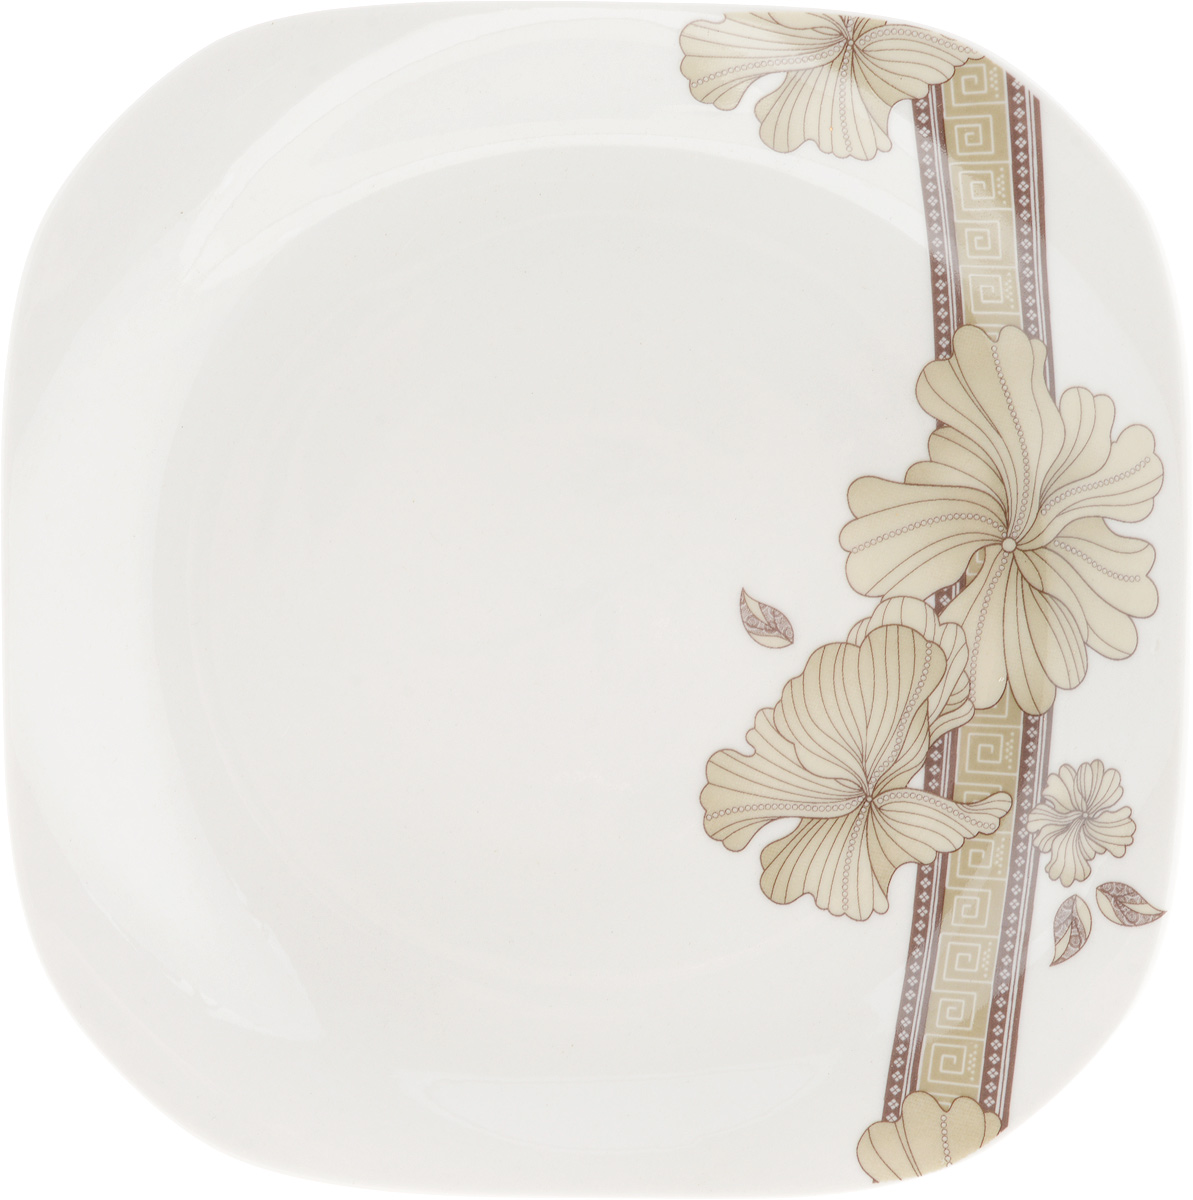 Тарелка десертная София, 18 x 18 см115510Десертная тарелка София, изготовленная из качественного фарфора с глазурованным покрытием. Такая тарелка прекрасно подходит как для торжественных случаев, так и для повседневного использования. Идеальна для подачи десертов, пирожных, тортов и многого другого. Она прекрасно оформит стол и станет отличным дополнением к вашей коллекции кухонной посуды.